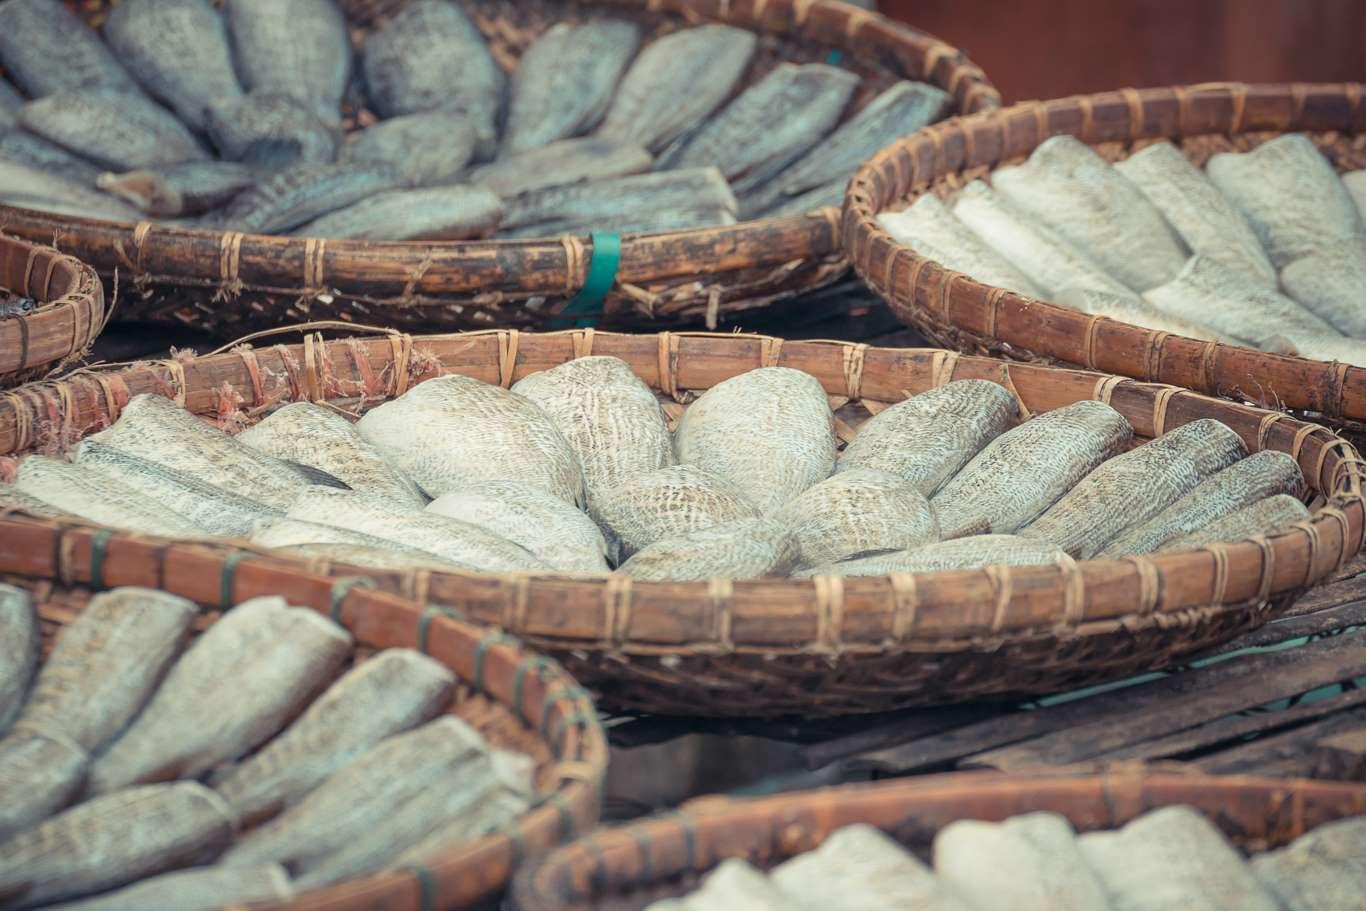 Según la Sociedad Canadiense del Cáncer, en las regiones donde se consume mucho pescado salado hay un alto nivel de cáncer nasofaríngeo. En otras palabras, consumir mucho pescado salado multiplica los riesgos de sufrir este tipo de cáncer.